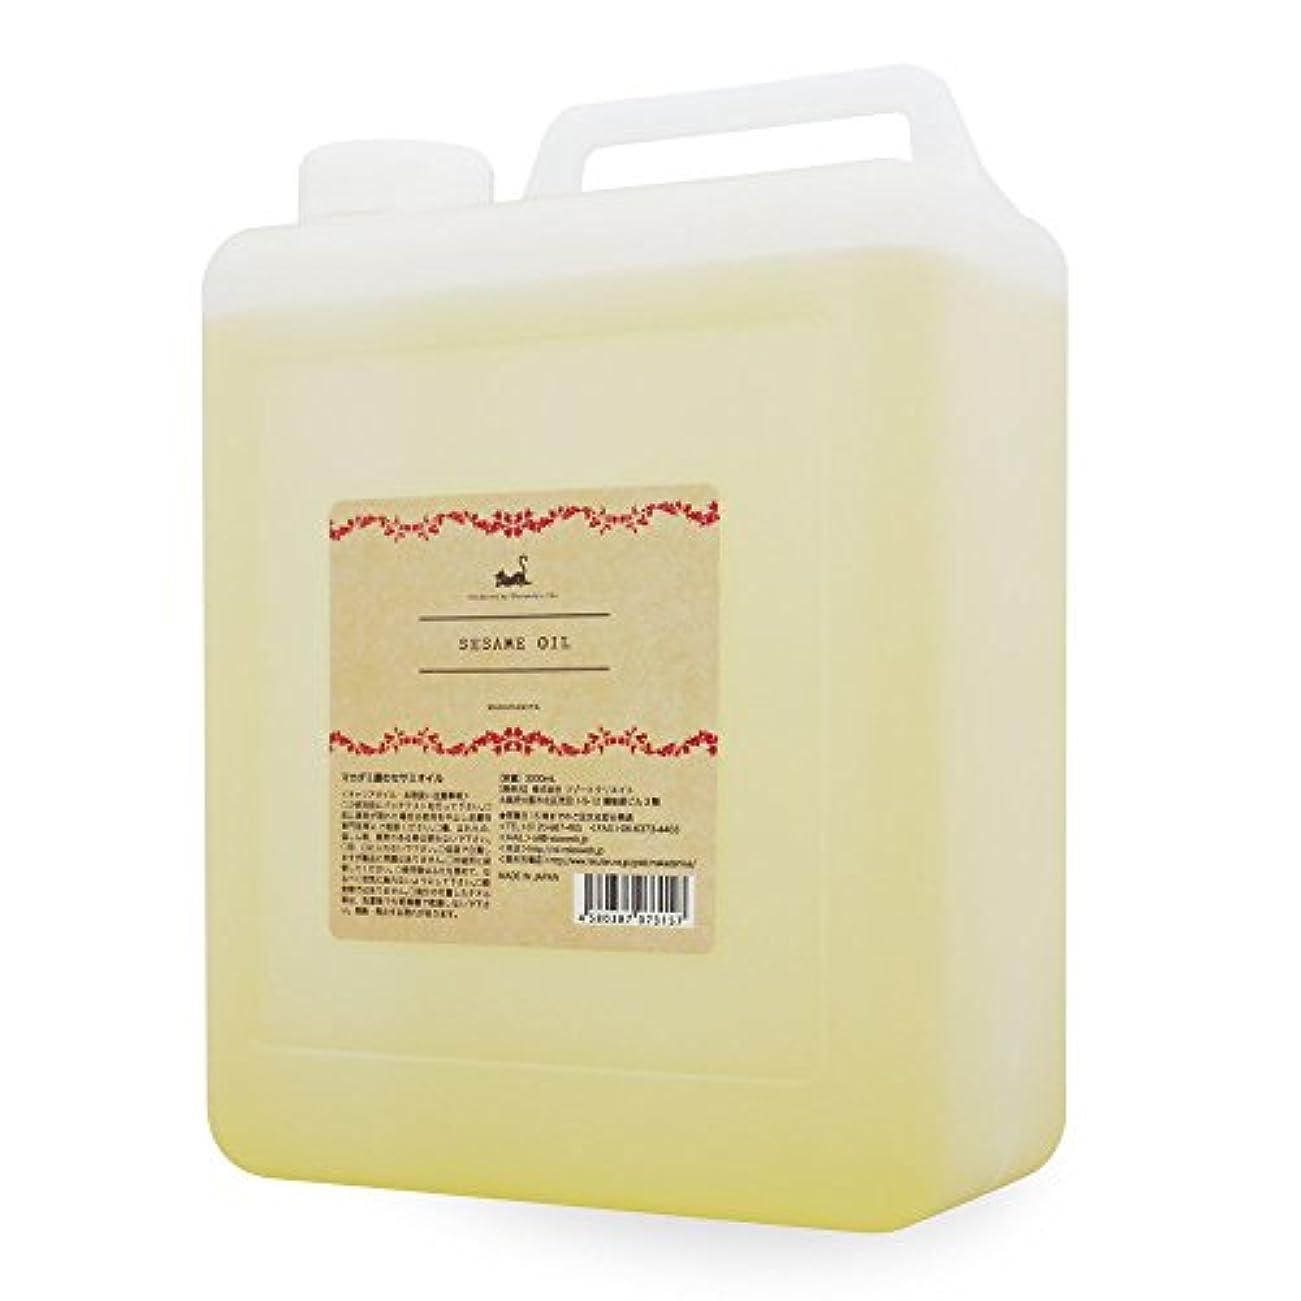 シャーク風味食料品店セサミオイル3000ml (白ゴマ油/コック付) 高級サロン仕様 マッサージオイル キャリアオイル (フェイス/ボディ用) 業務用?大容量